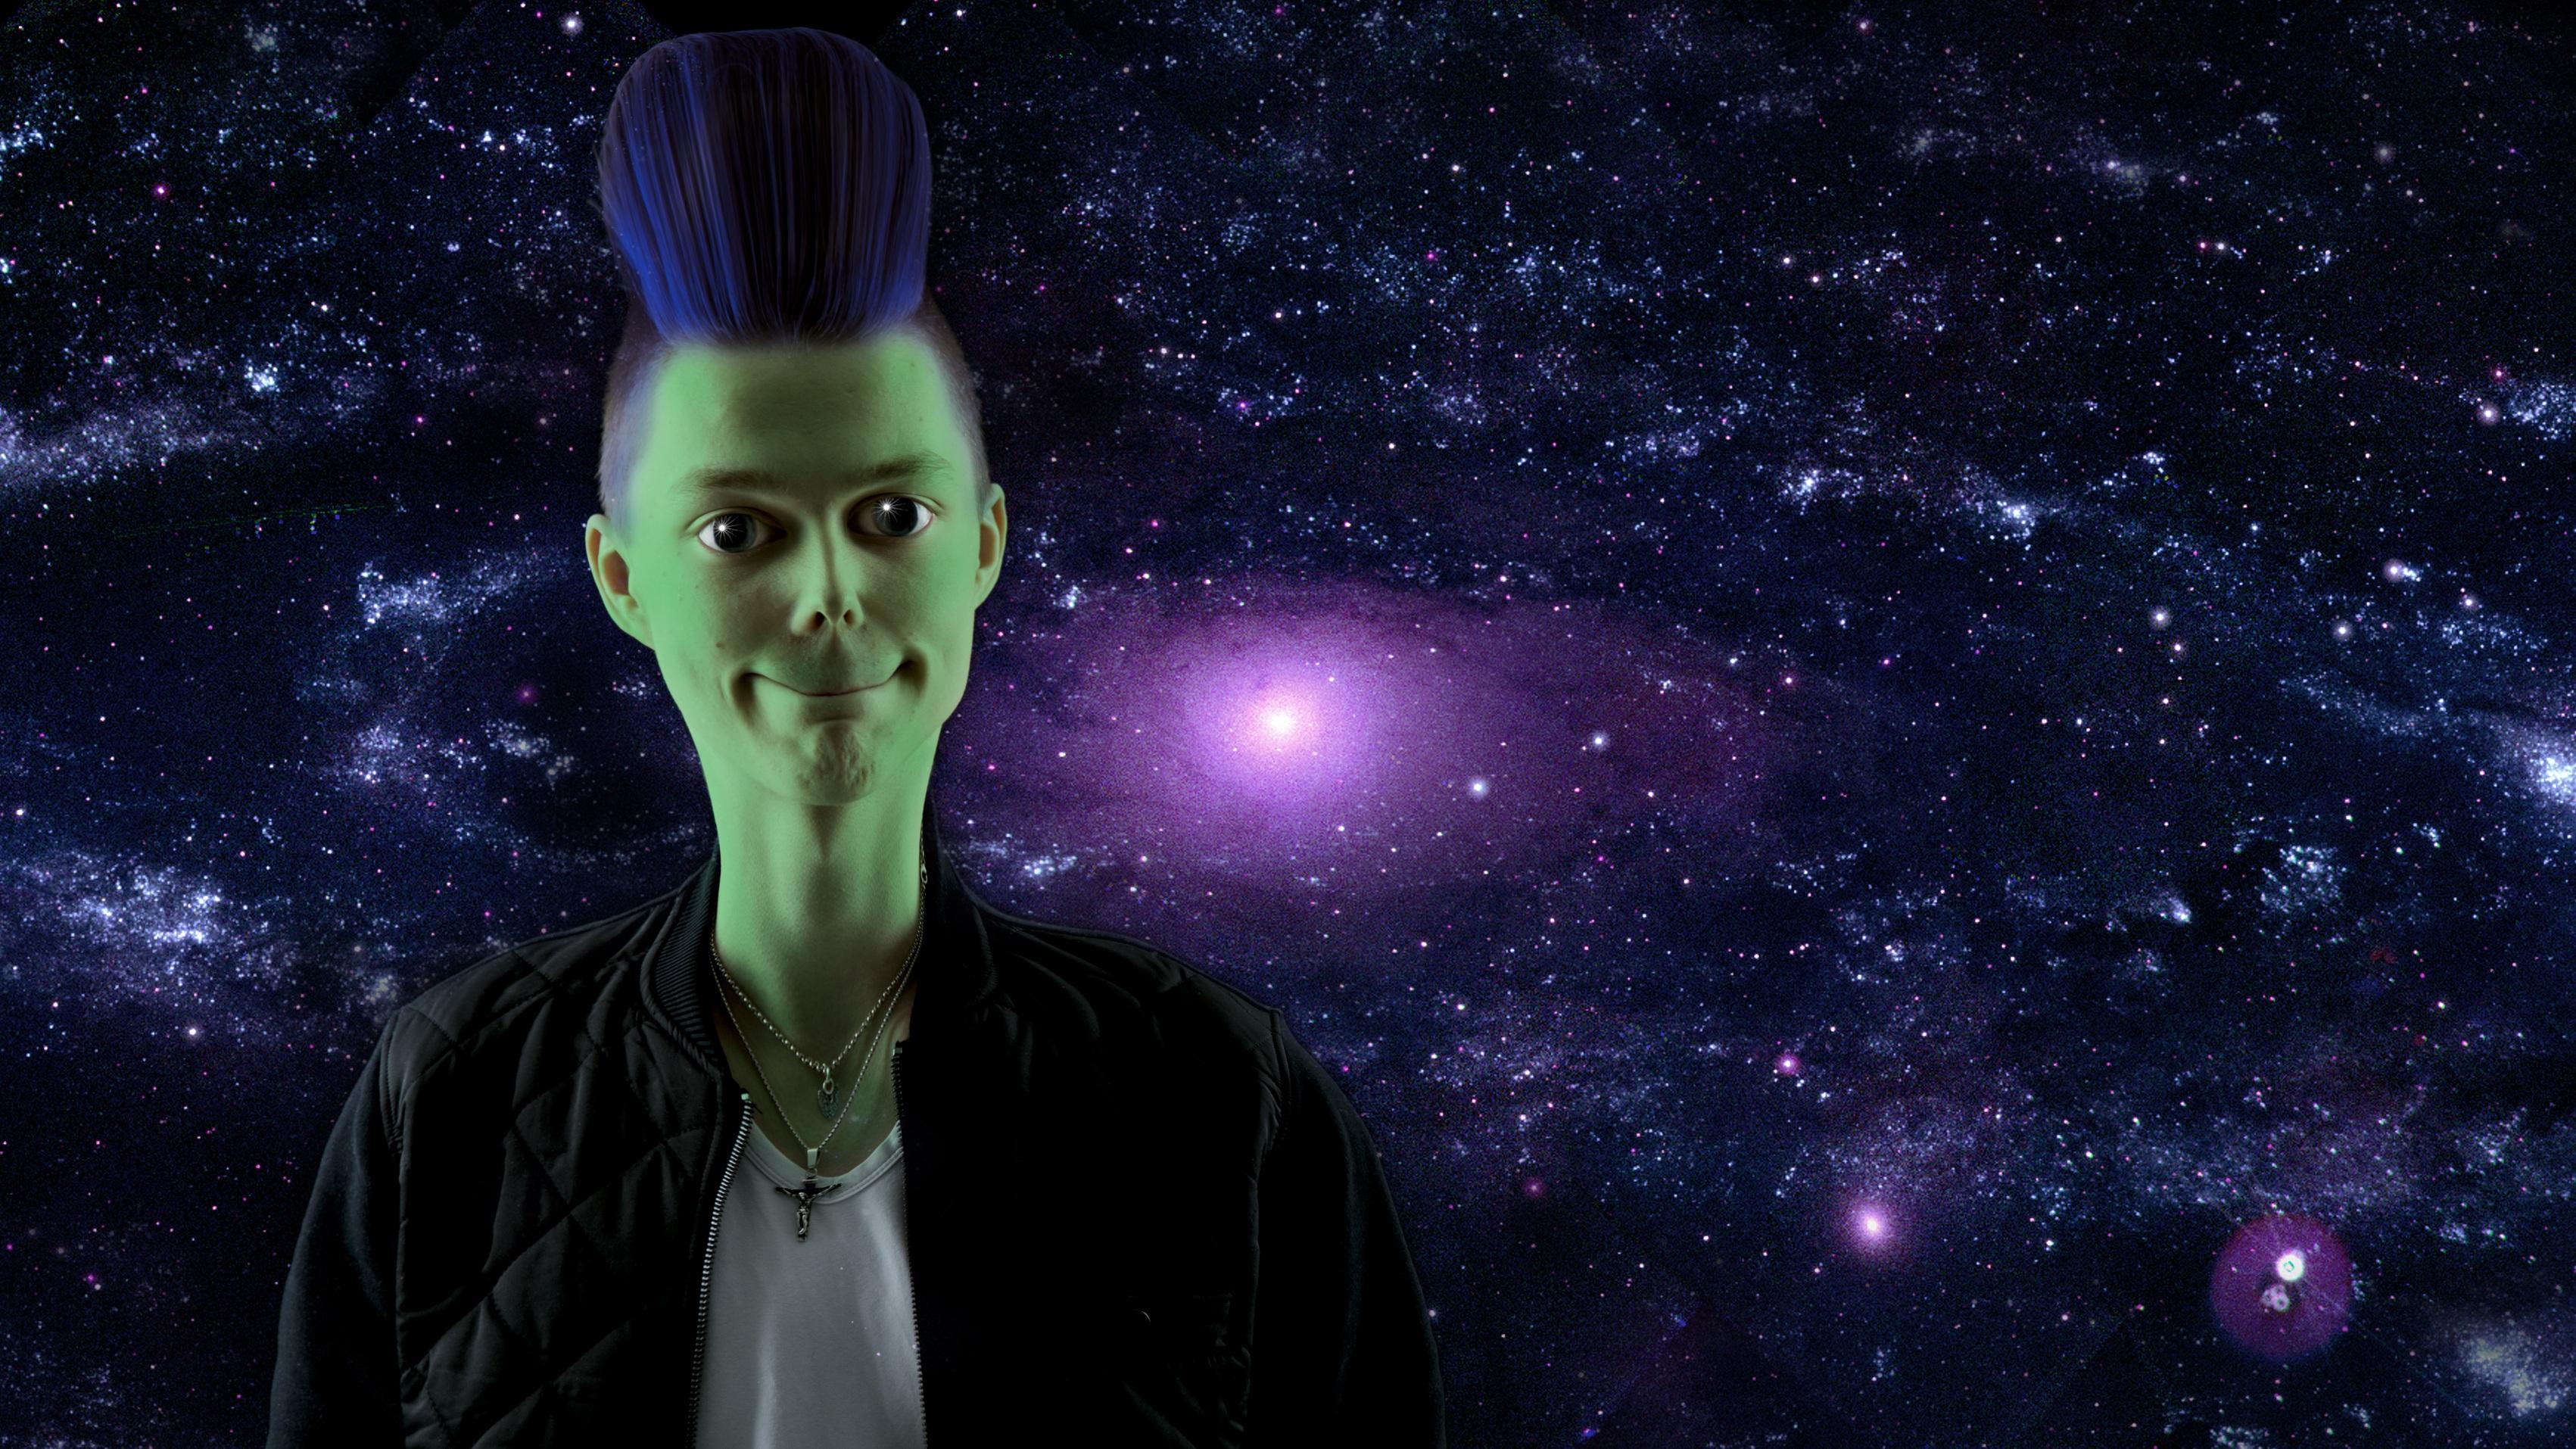 Images gratuites nuit toile atmosph re espace humain obscurit cosmo - Objet de science fiction ...